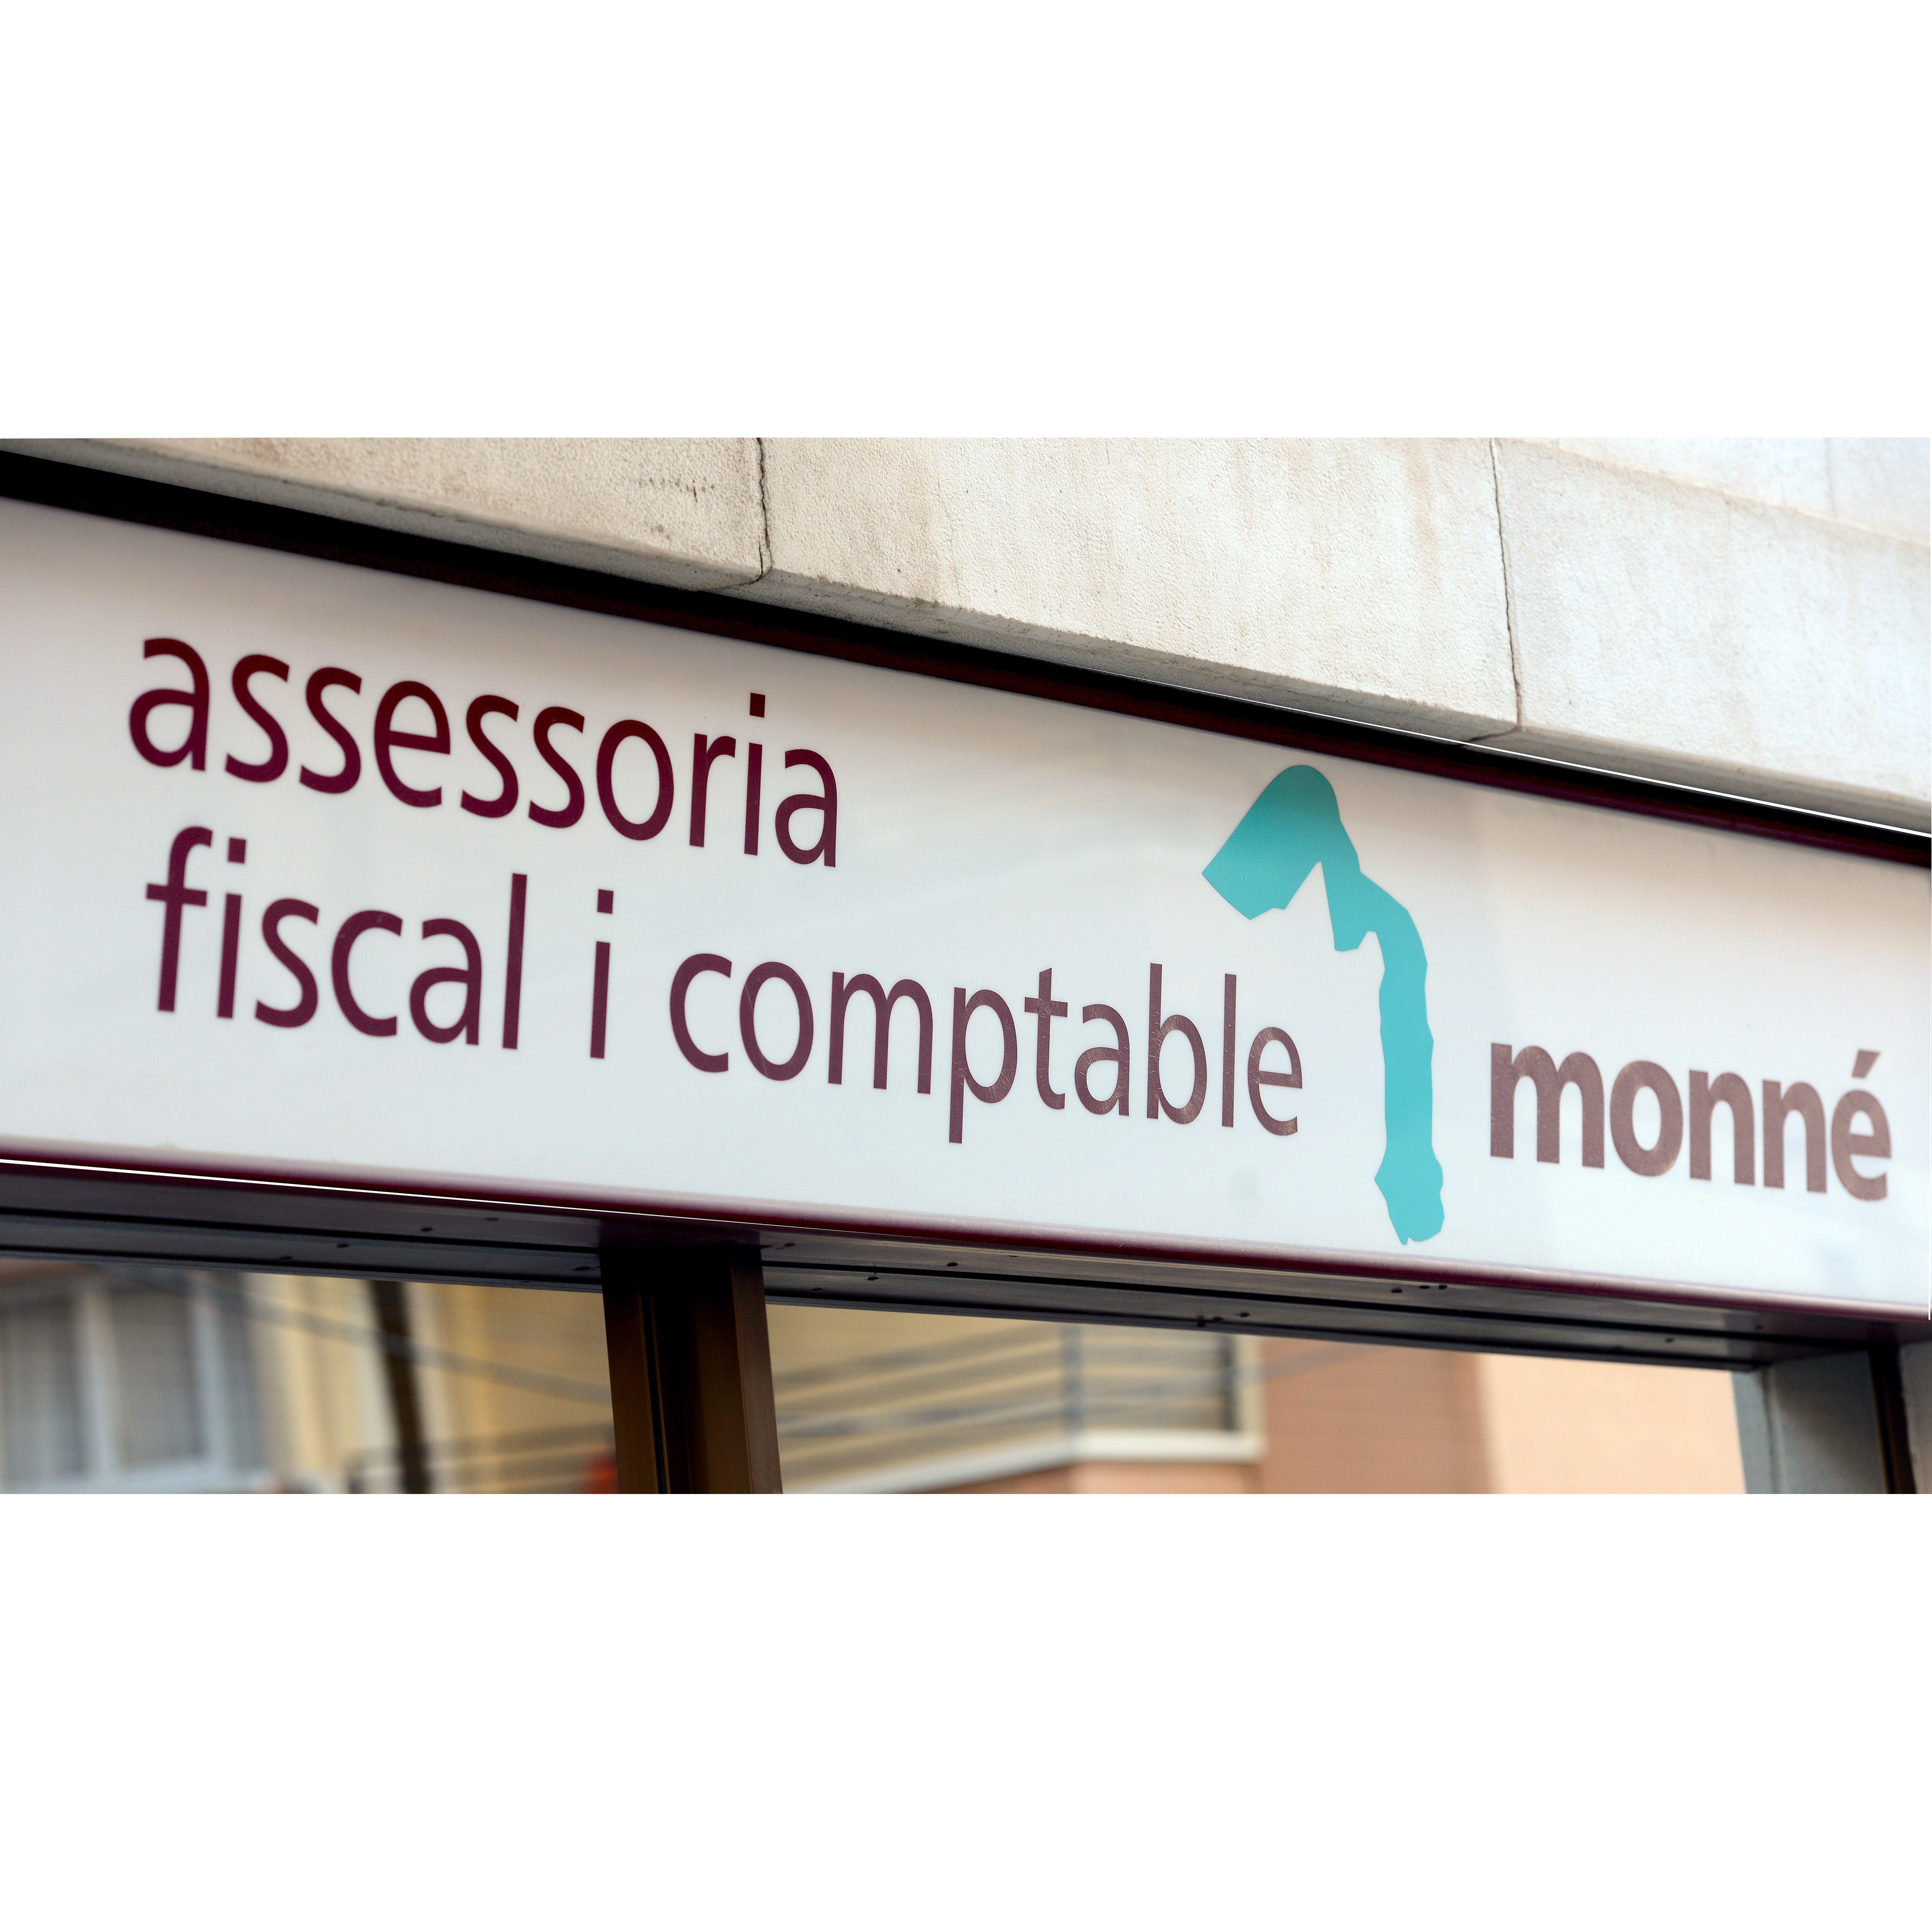 Área Fiscal y Contable: Servicios de Gestoria Monne